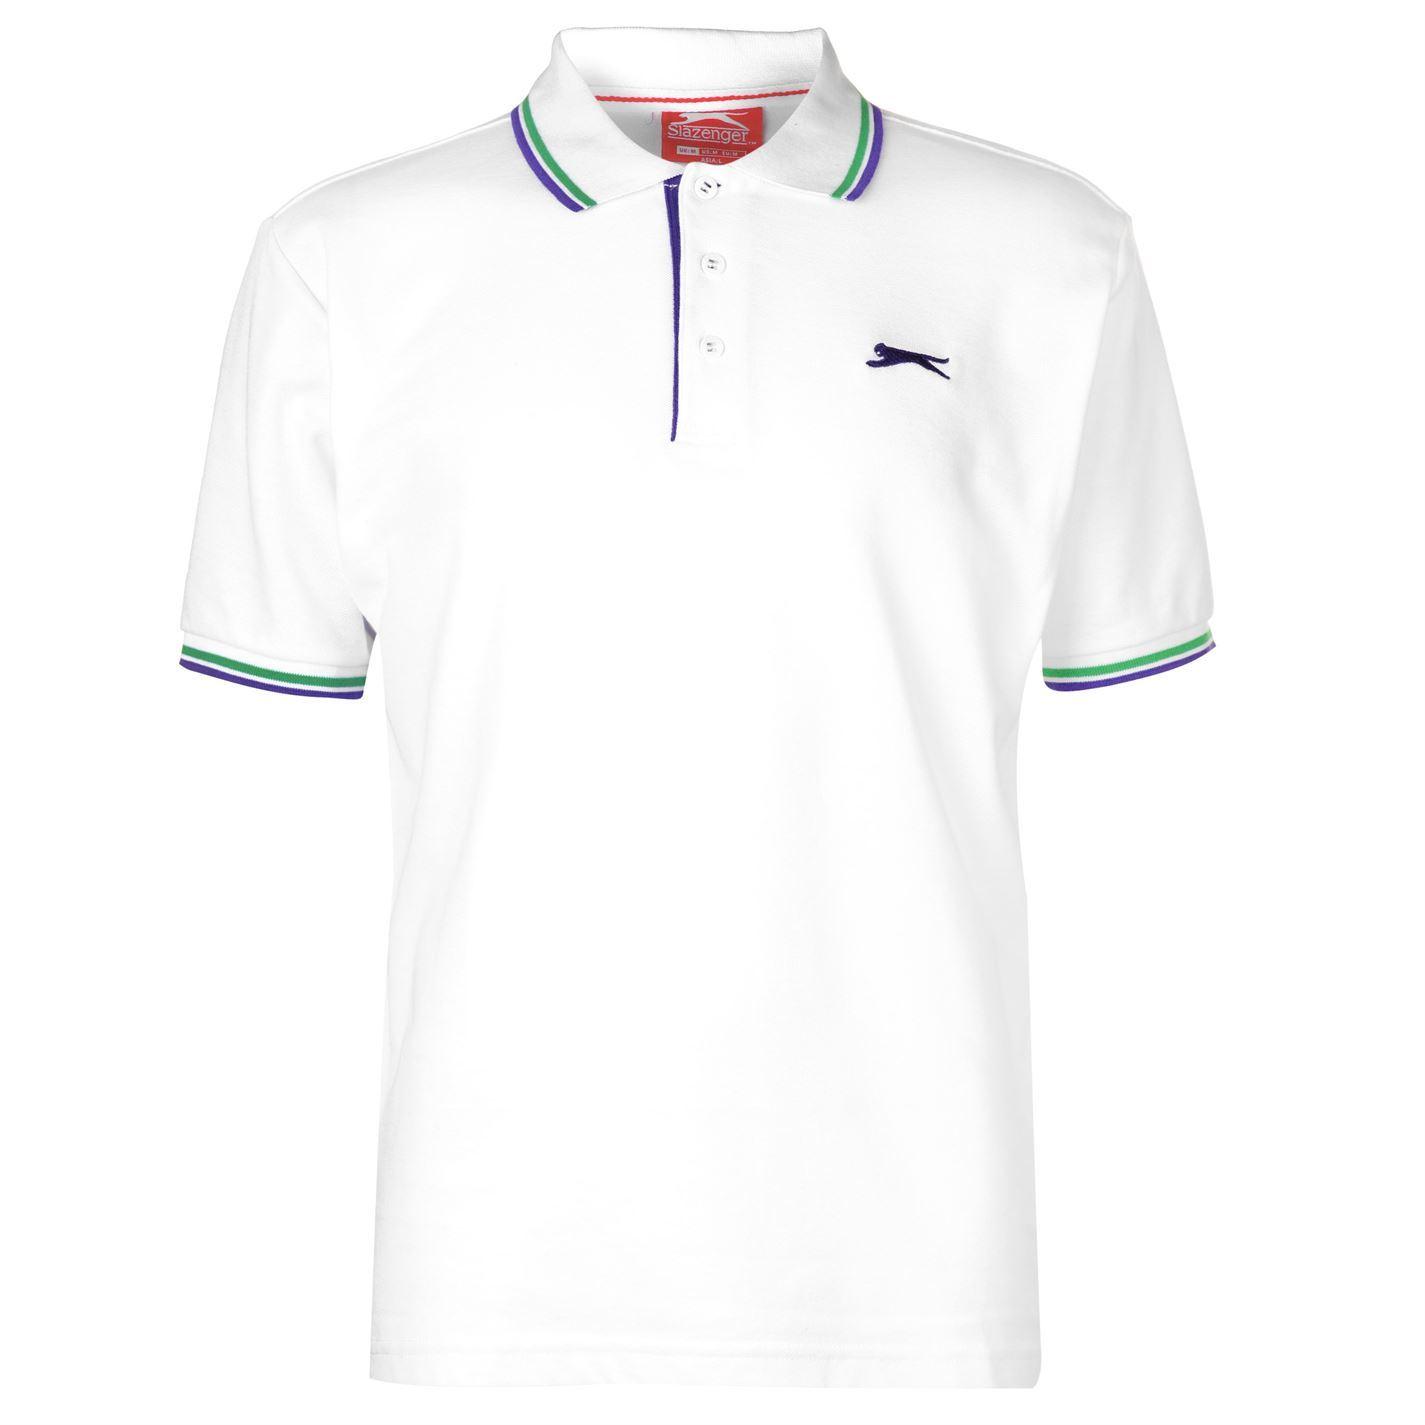 Slazenger-Polo-Camisa-de-hombre-con-cuello-con-Punta-T-Shirt-Top-Camiseta-Tee miniatura 88